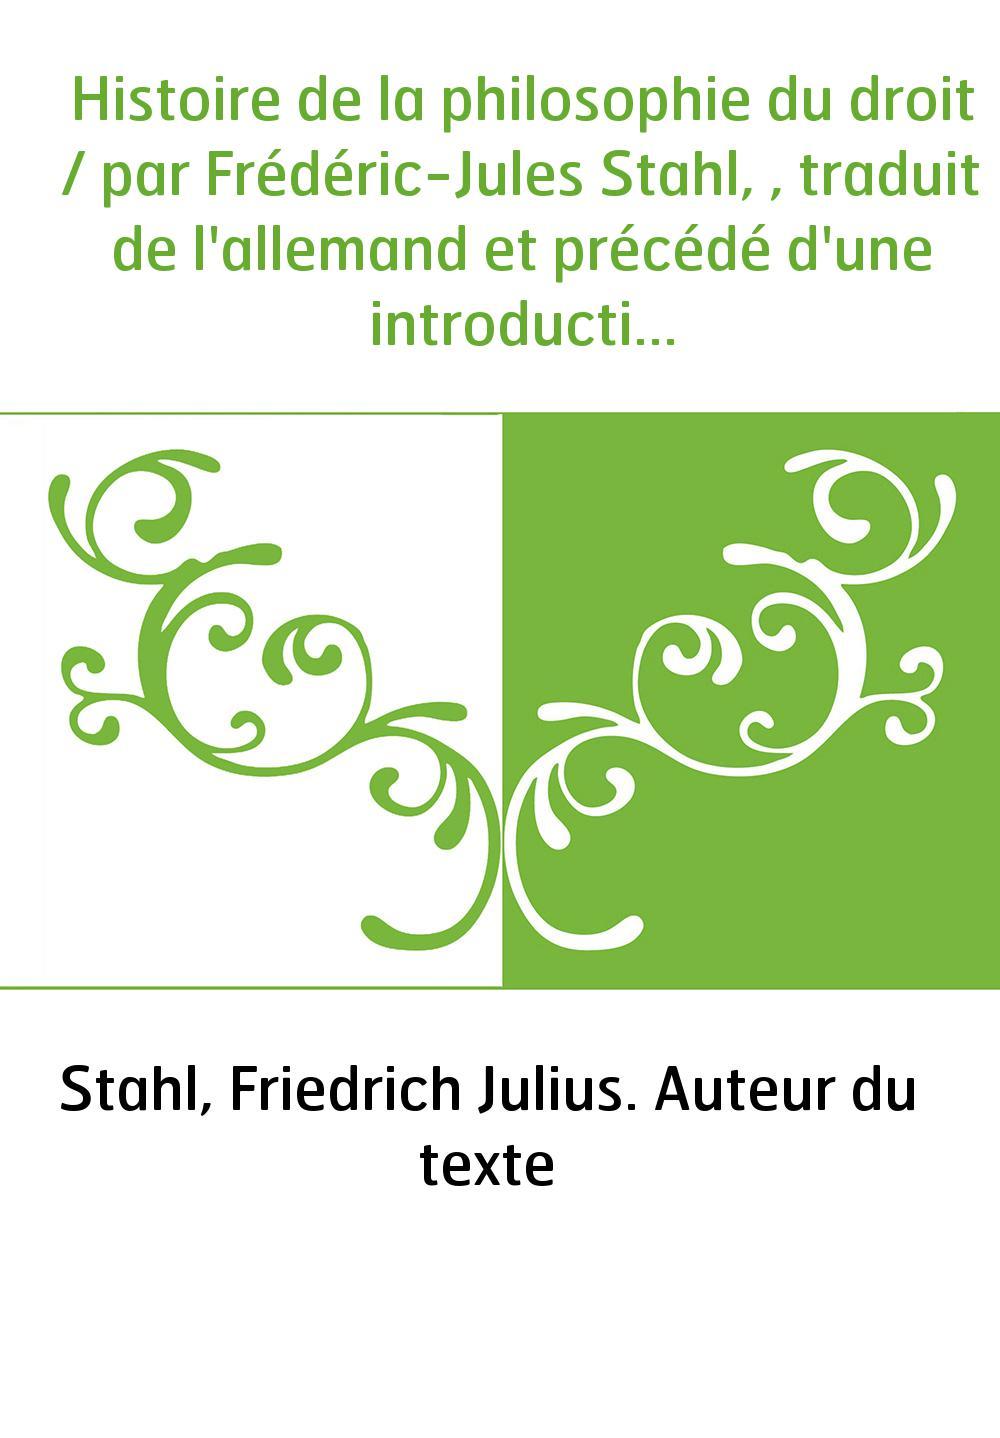 Histoire de la philosophie du droit / par Frédéric-Jules Stahl, , traduit de l'allemand et précédé d'une introduction par A. Cha